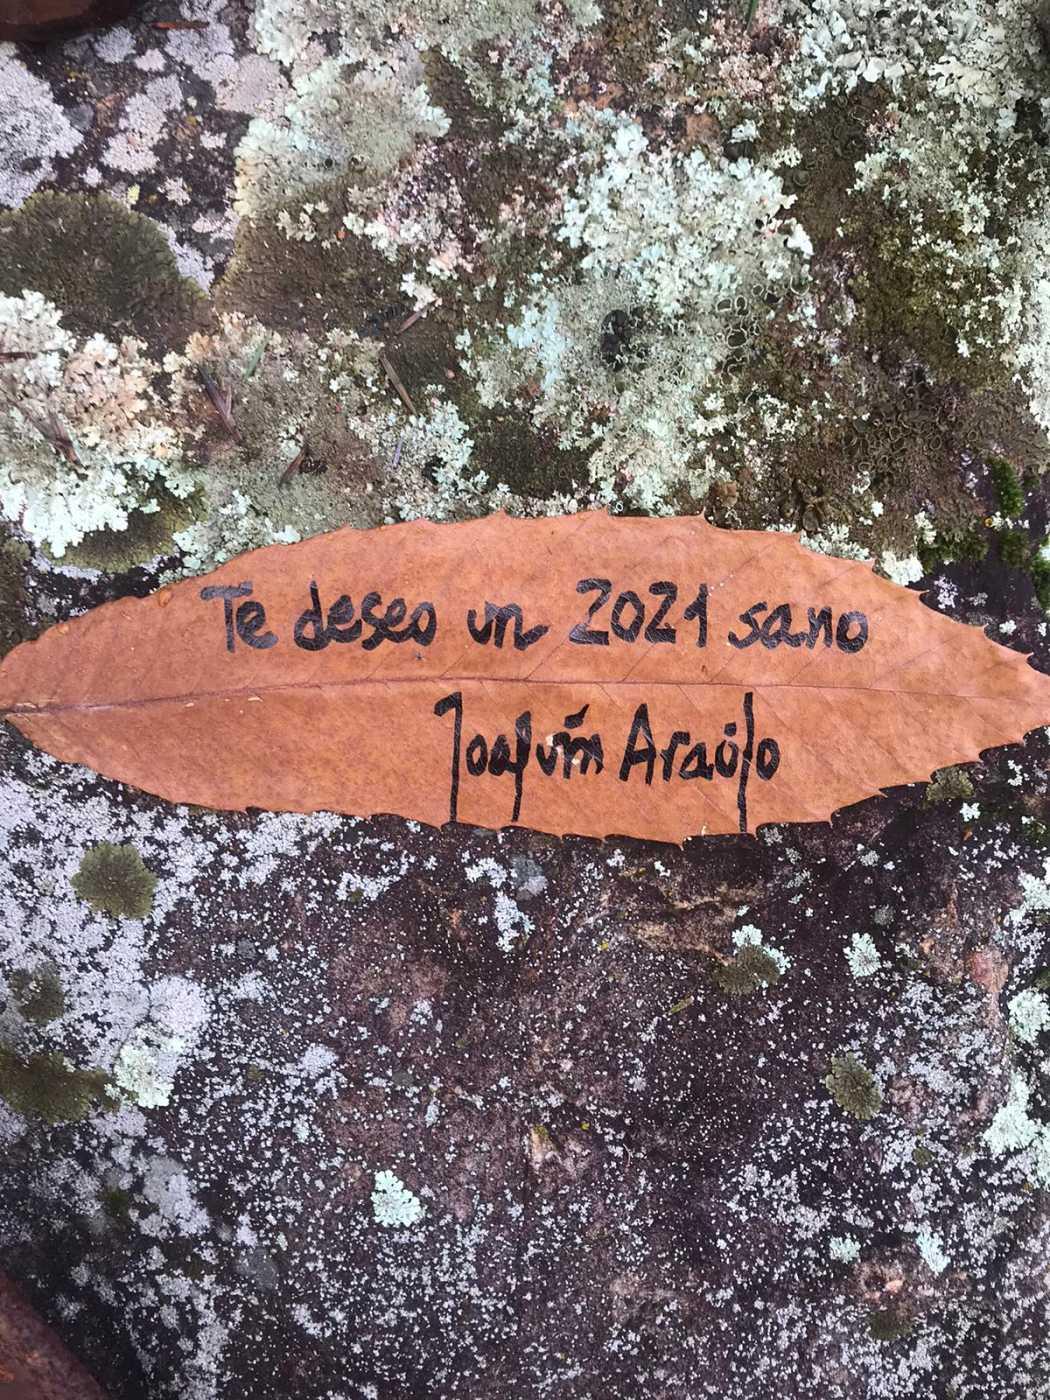 Reserva natural - Retos y deseos ambientales para 2021 - 01/01/21 - Escuchar ahora